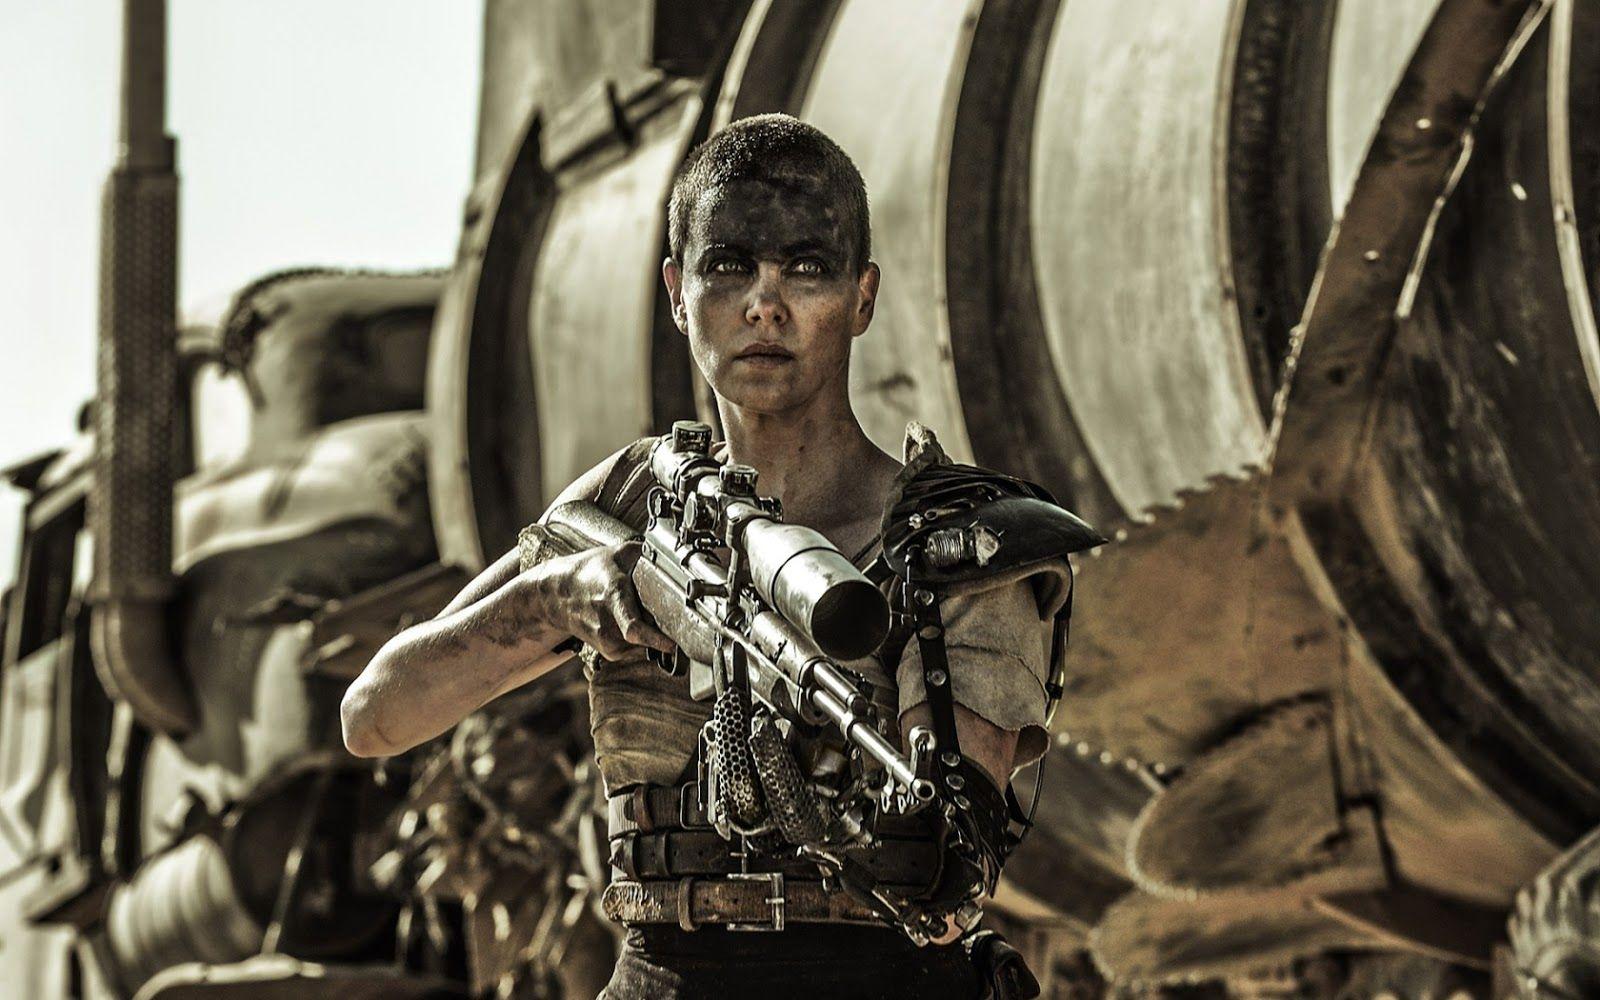 Furiosaarm Pic Jpg 1600 1000 Mad Max Mad Max Fury Road Warrior Woman